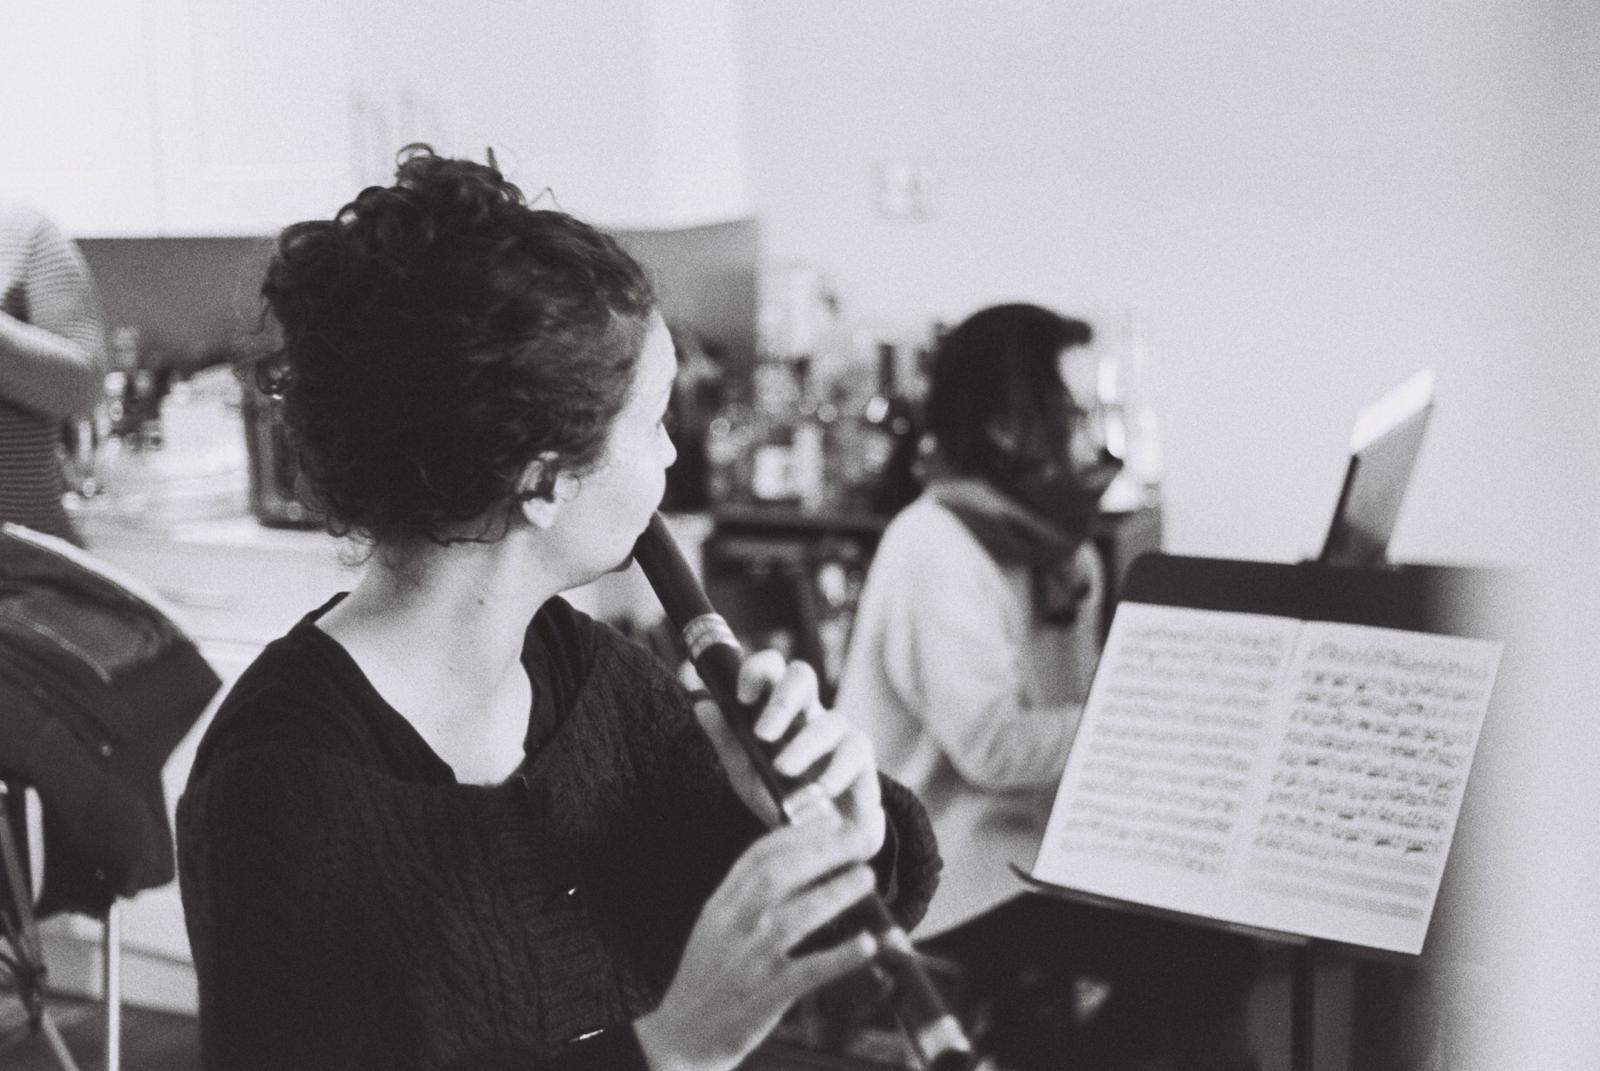 Rehearsal on a Bressan